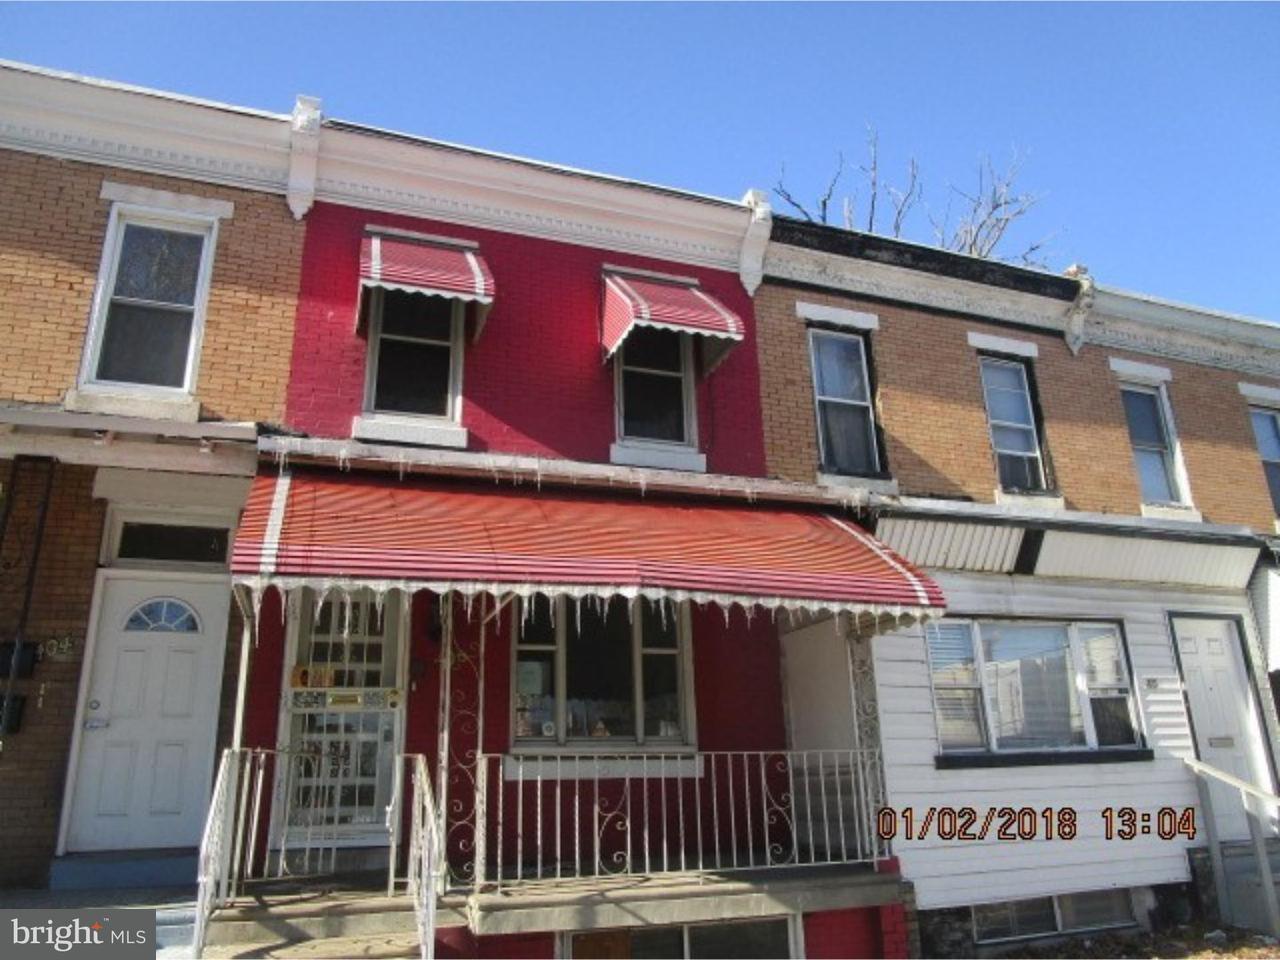 406 N 58TH Philadelphia, PA 19131